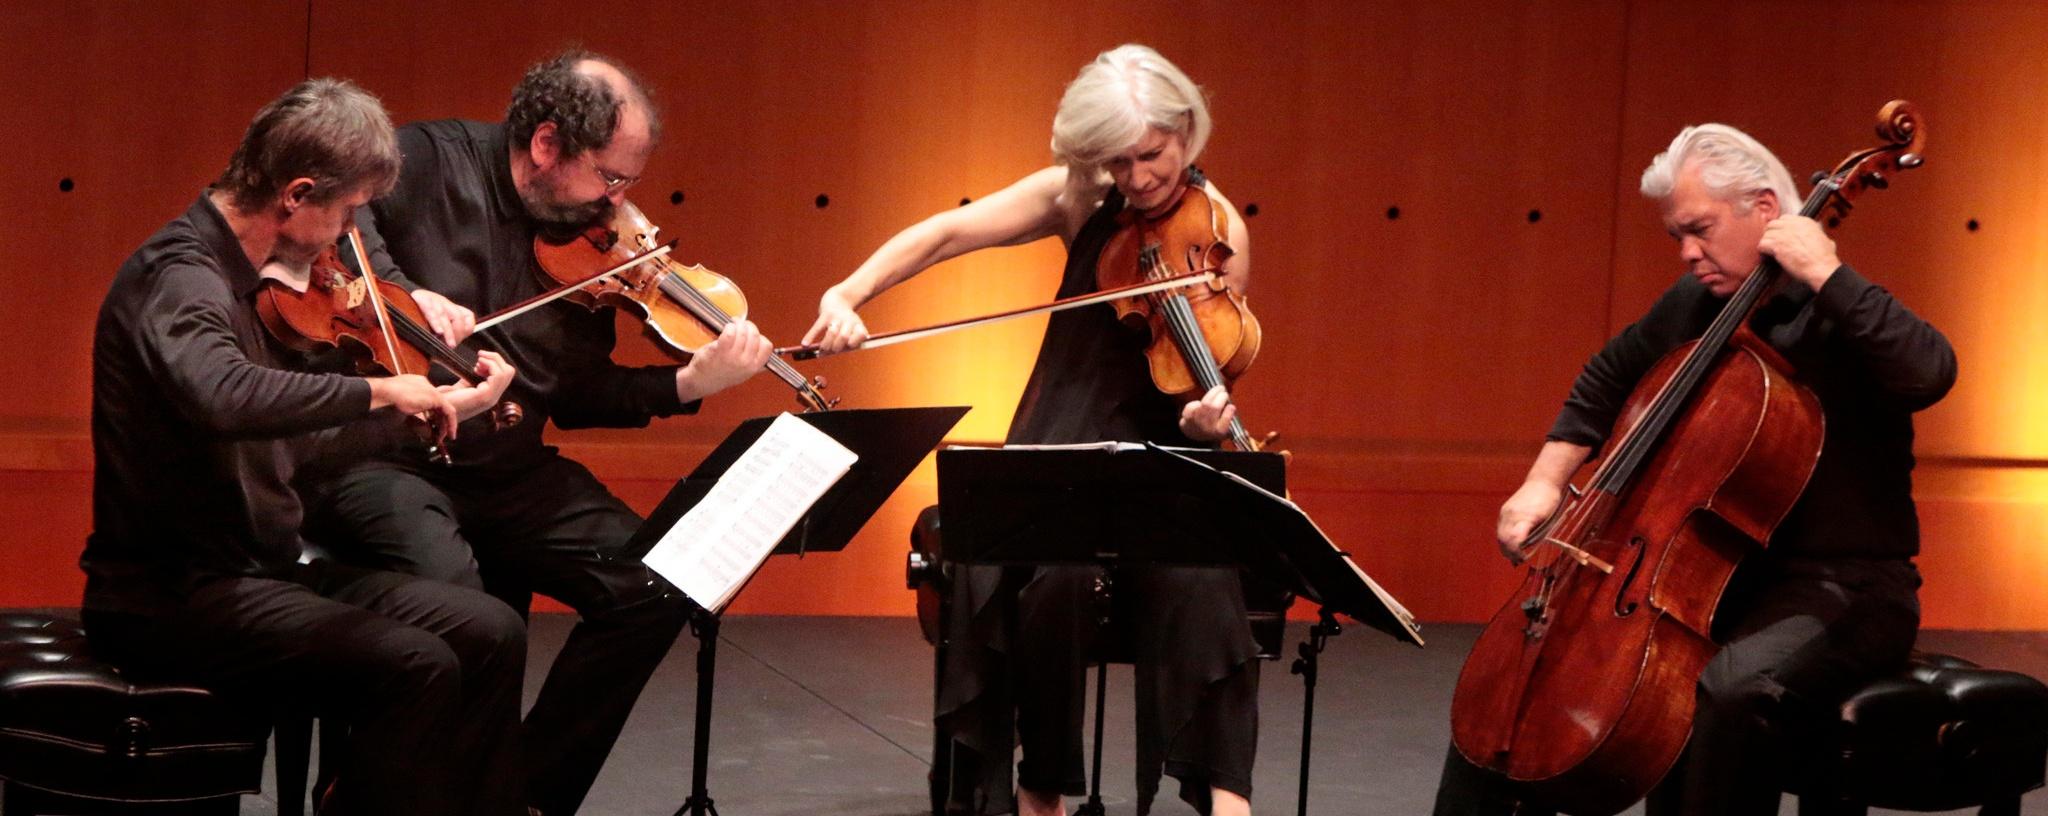 Hagen Quartet Recital